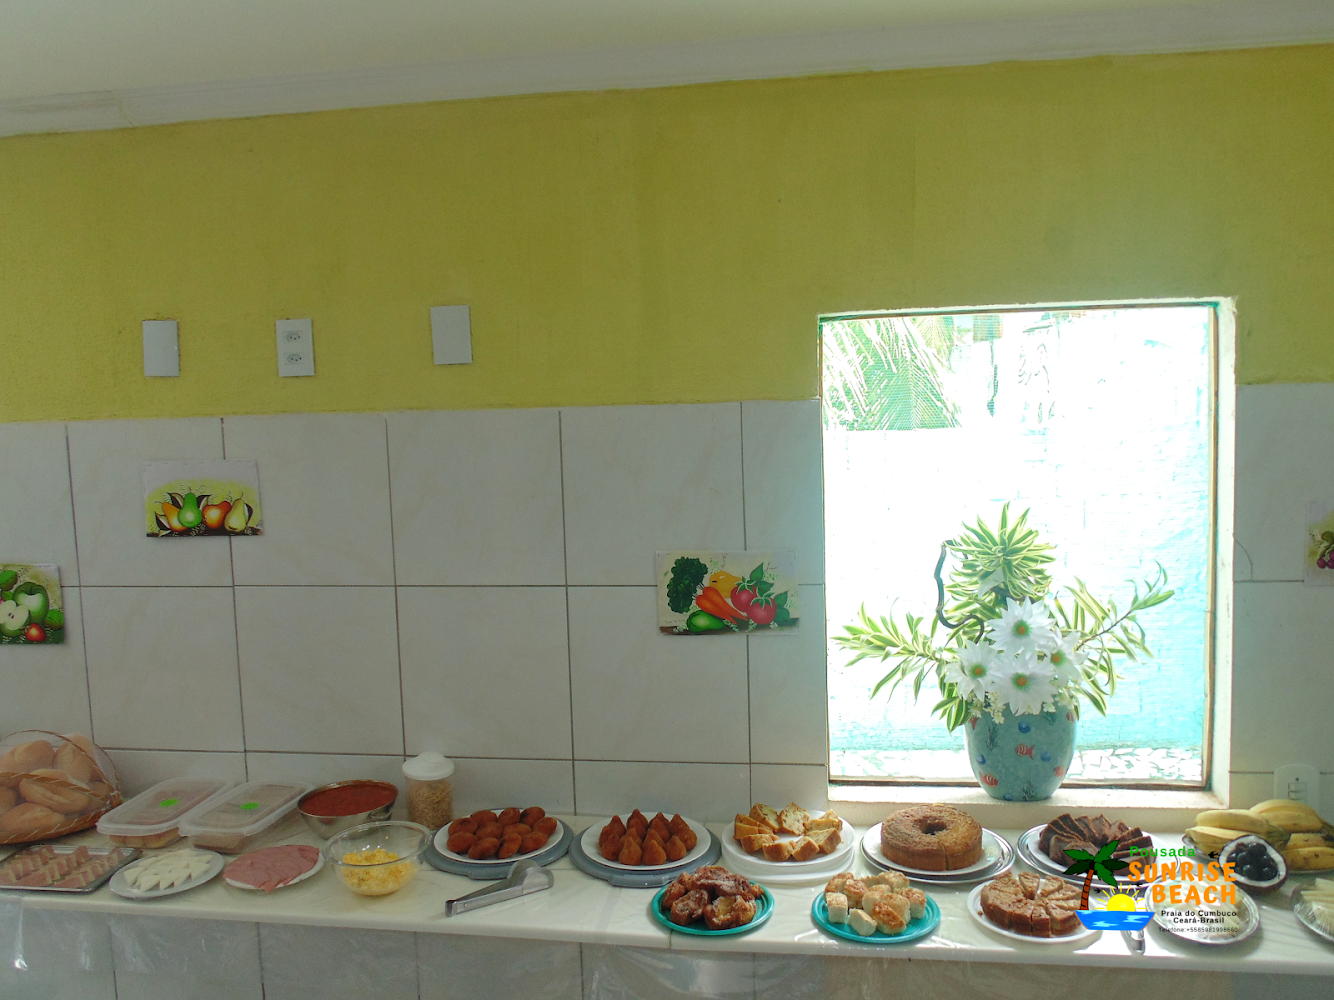 1 diária para 2 adultos e criança até 05 anos no quarto térreo + café da manhã (domingo a quinta) de R$200 por apenas R$120